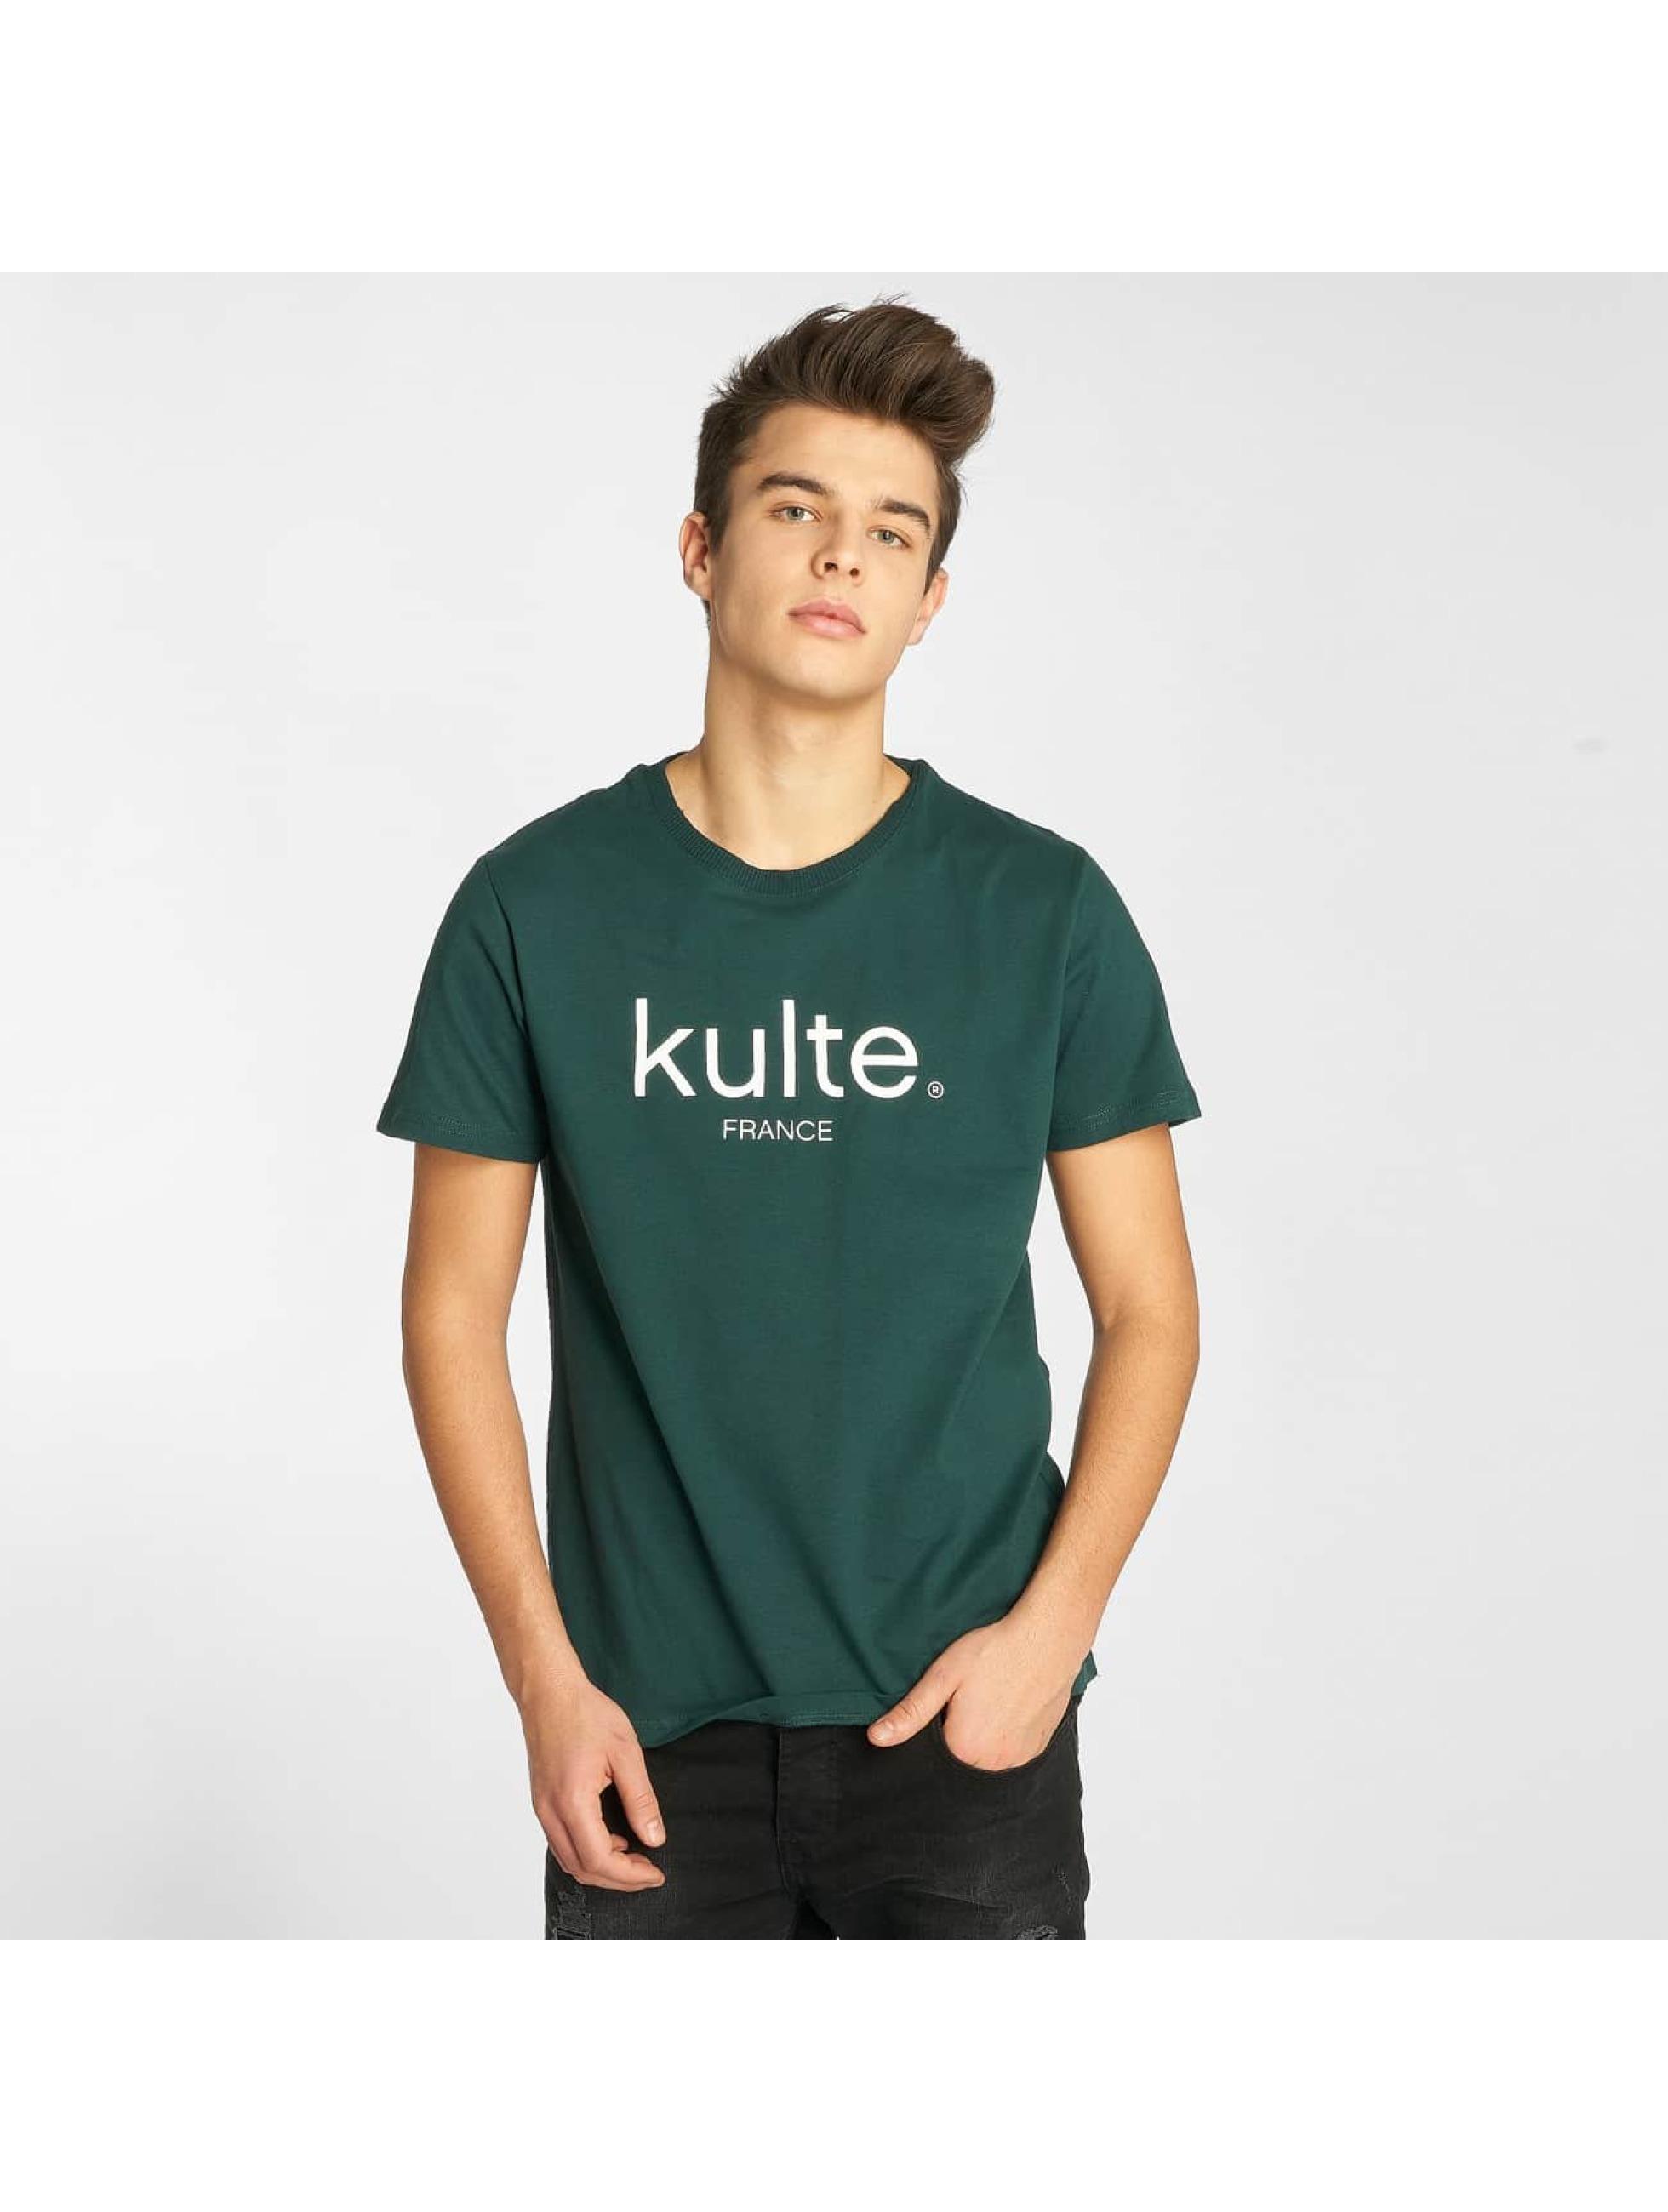 Kulte Camiseta Corpo verde